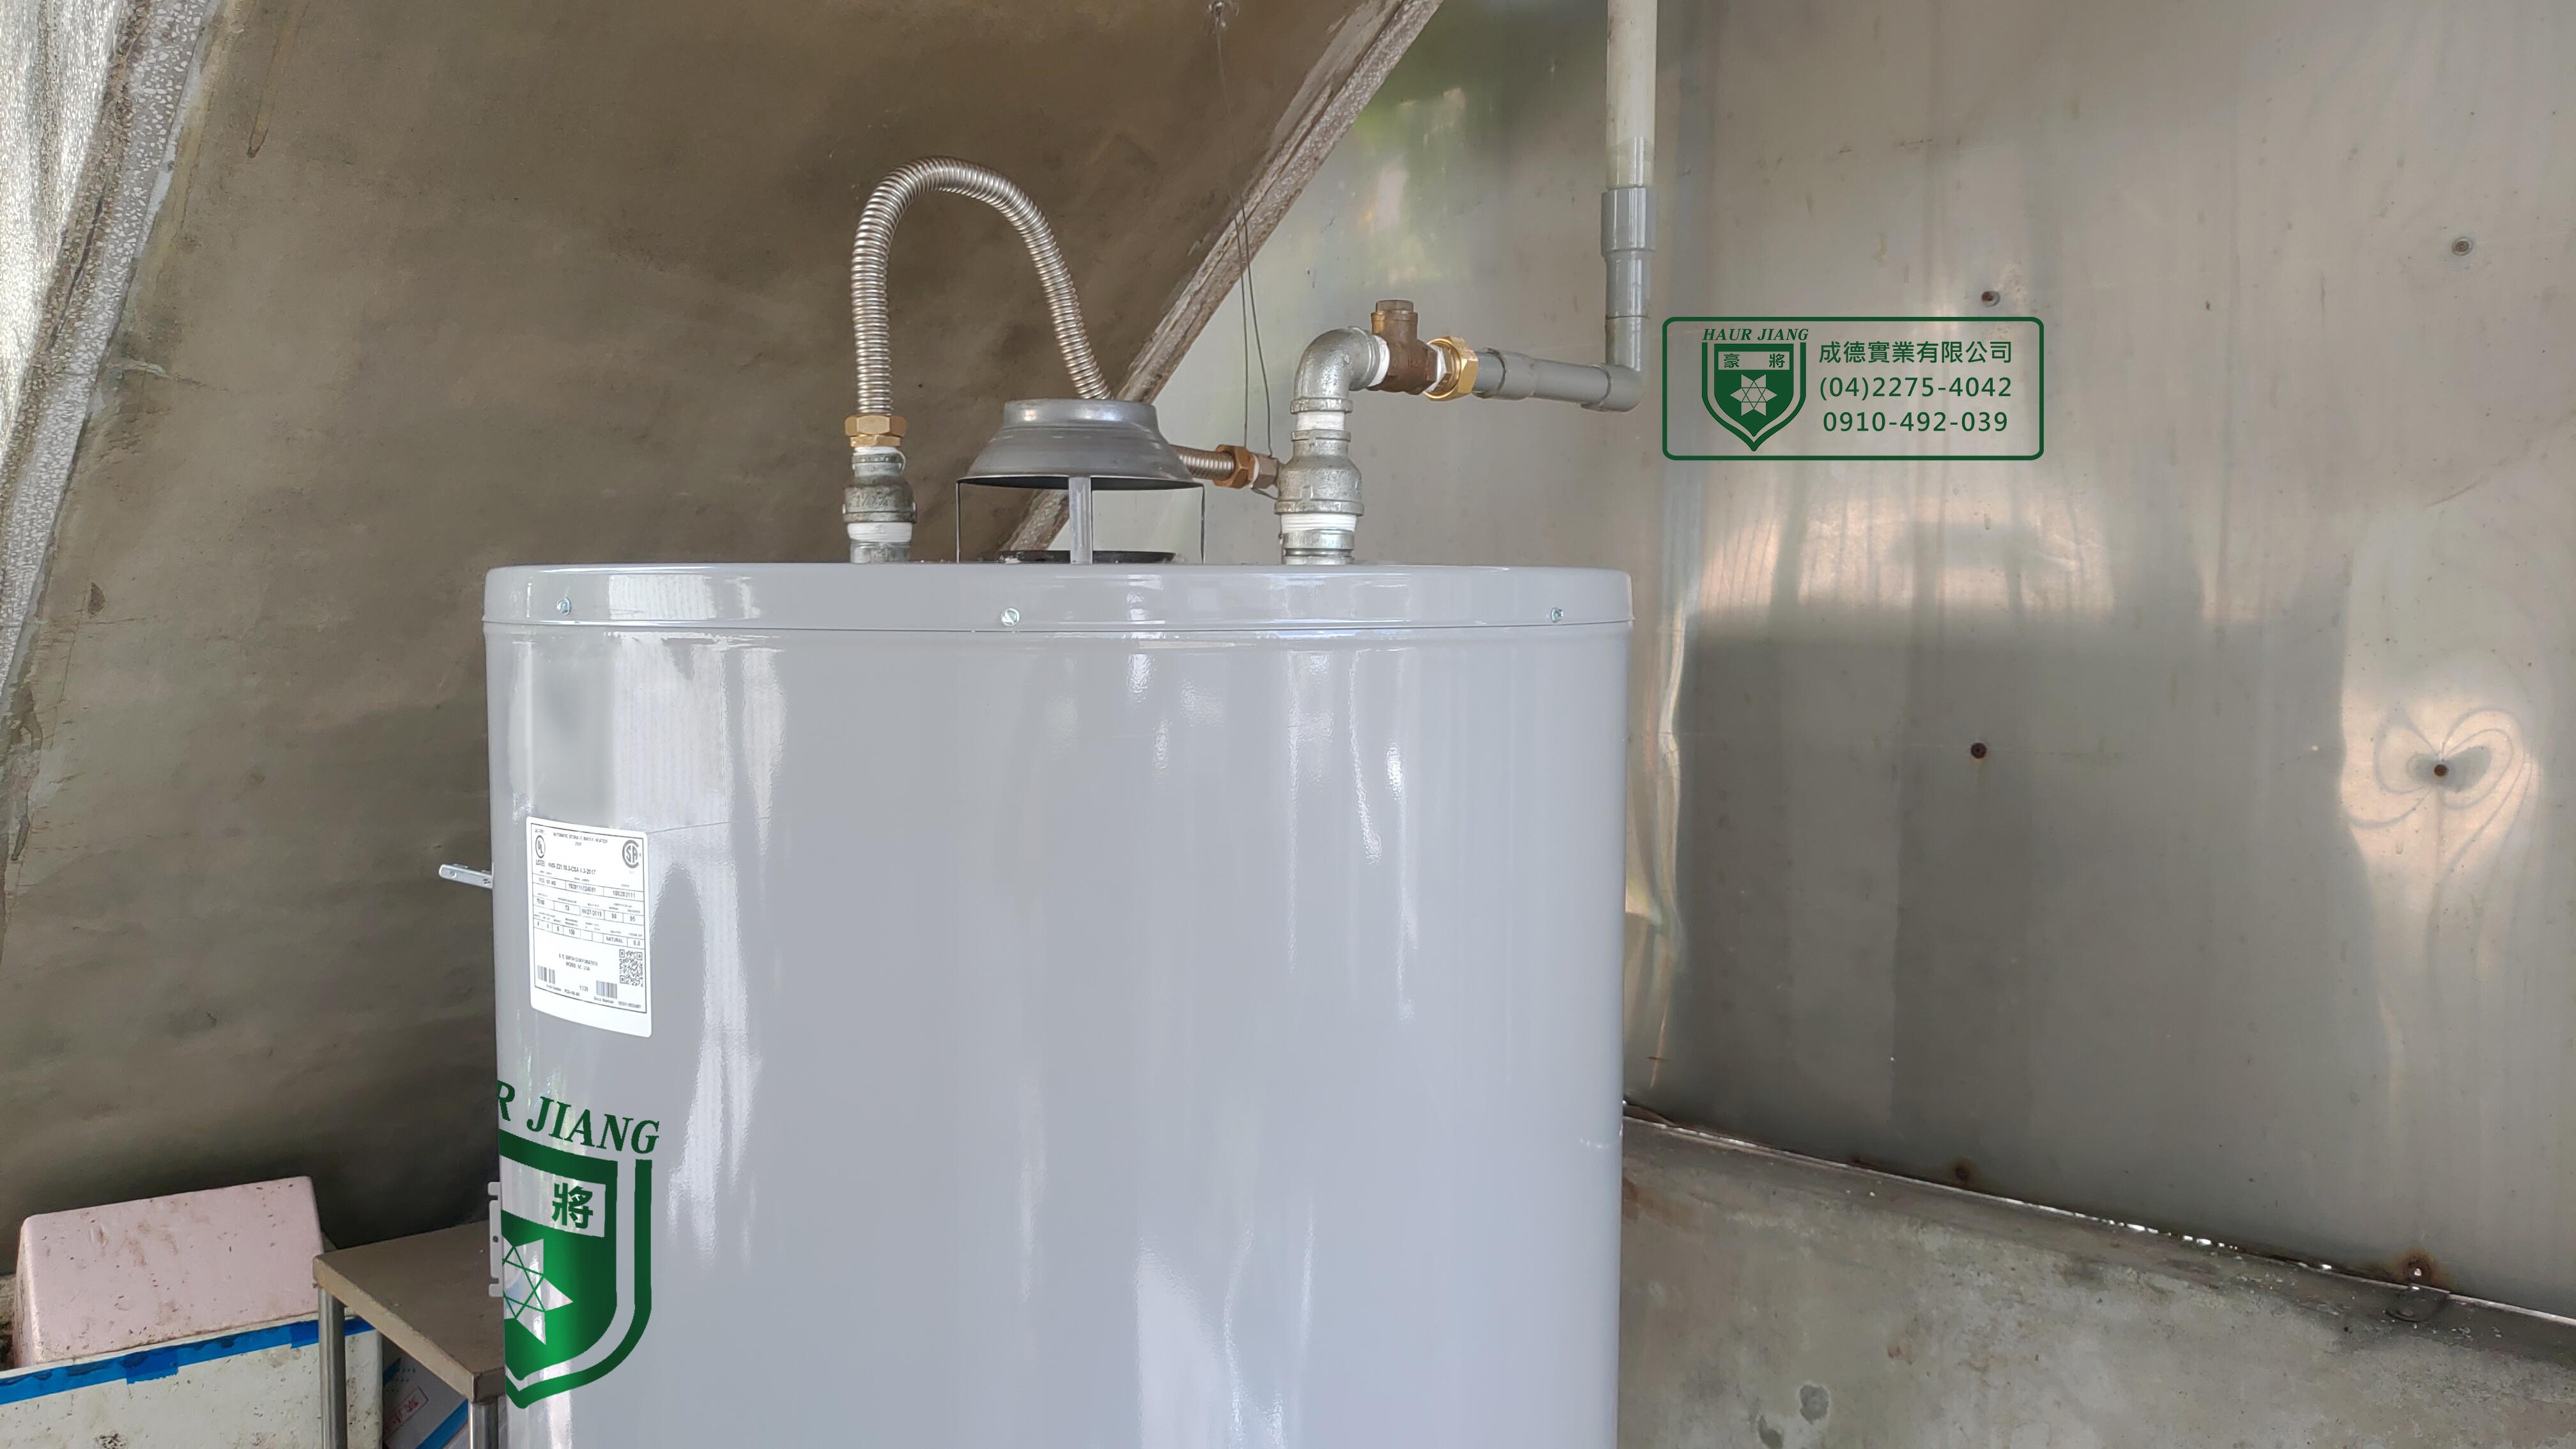 【台中南屯-套房出租】使用近20年的熱水設備